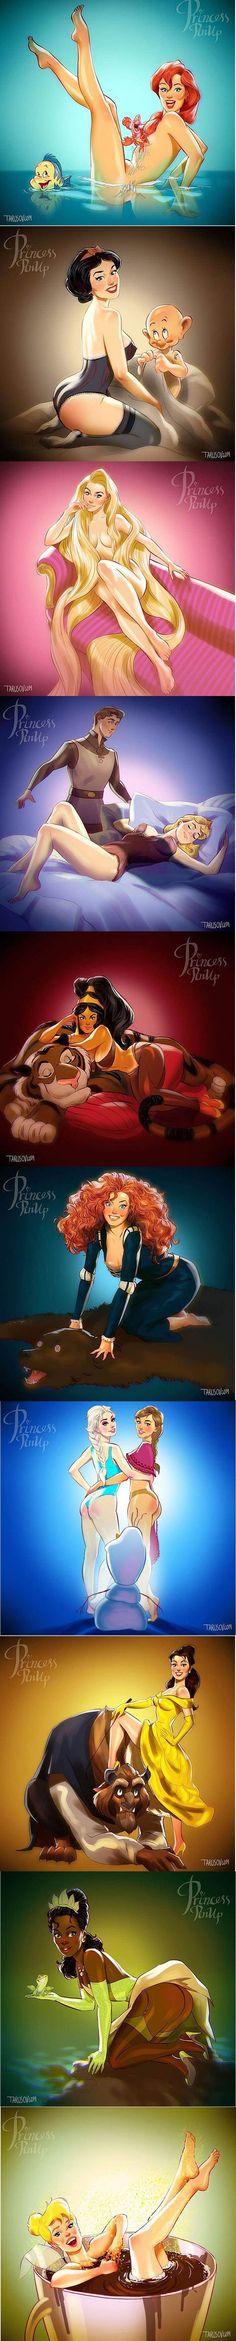 Détournement érotique de Disney